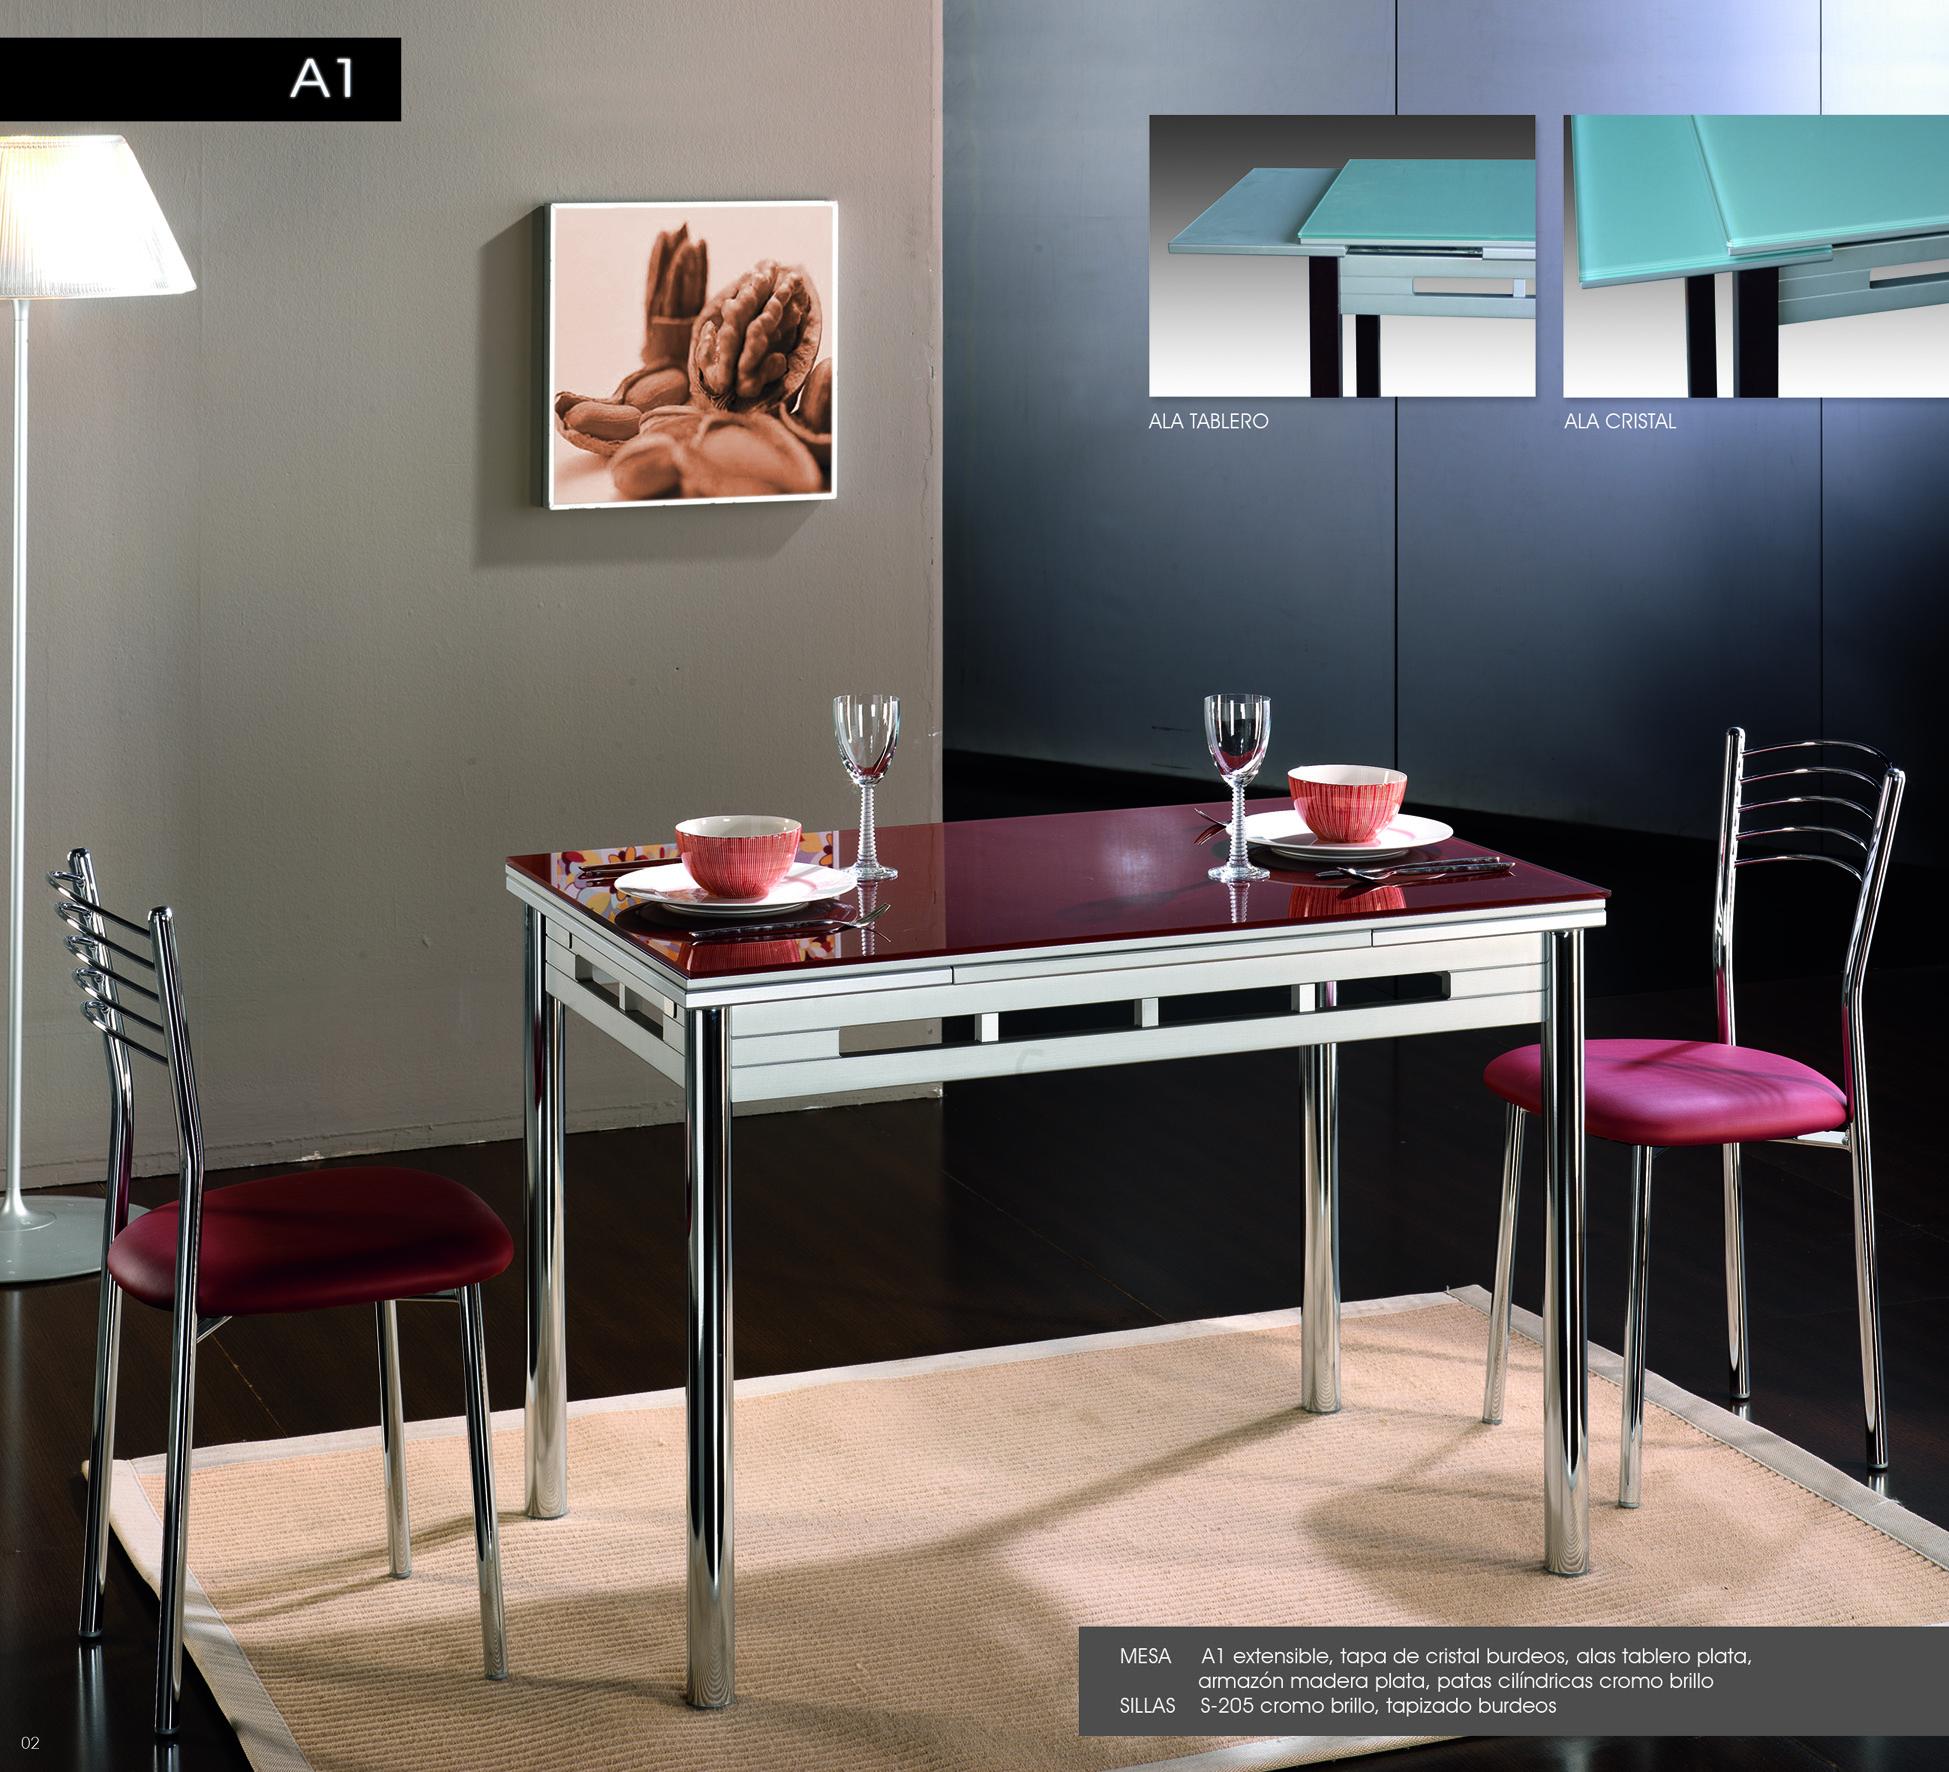 Cocina mesas tienda muebles economicos valencia for Muebles cocina valencia